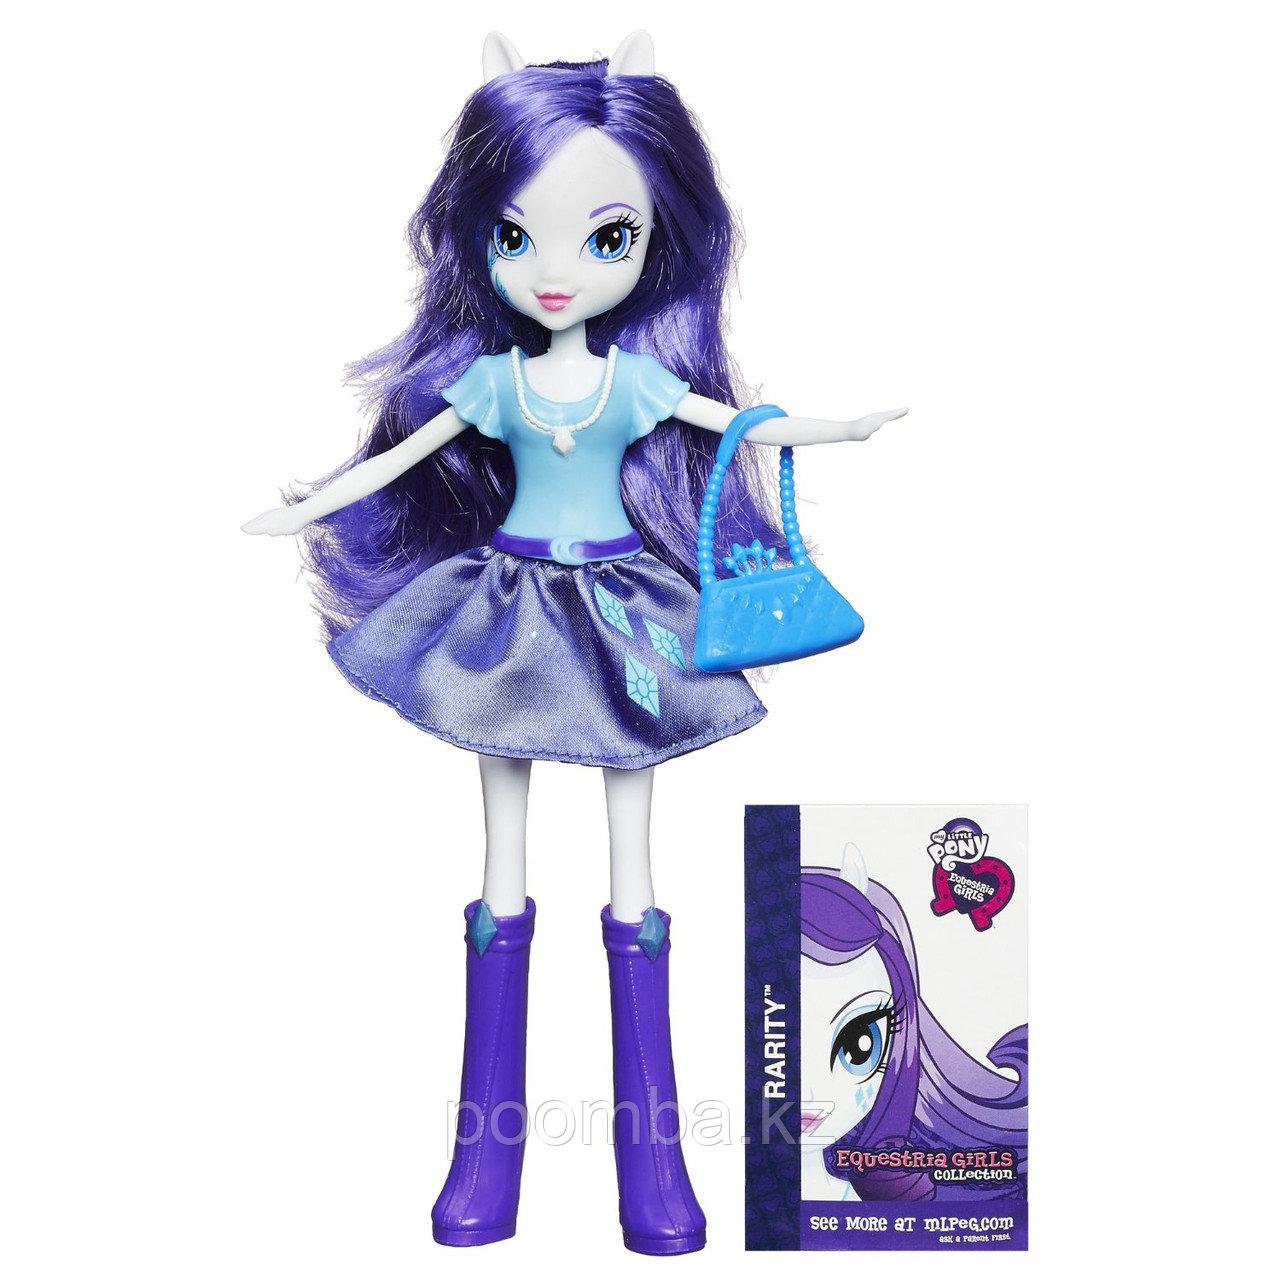 Кукла My Little Pony Equestria Girls - Рарити с сумочкой